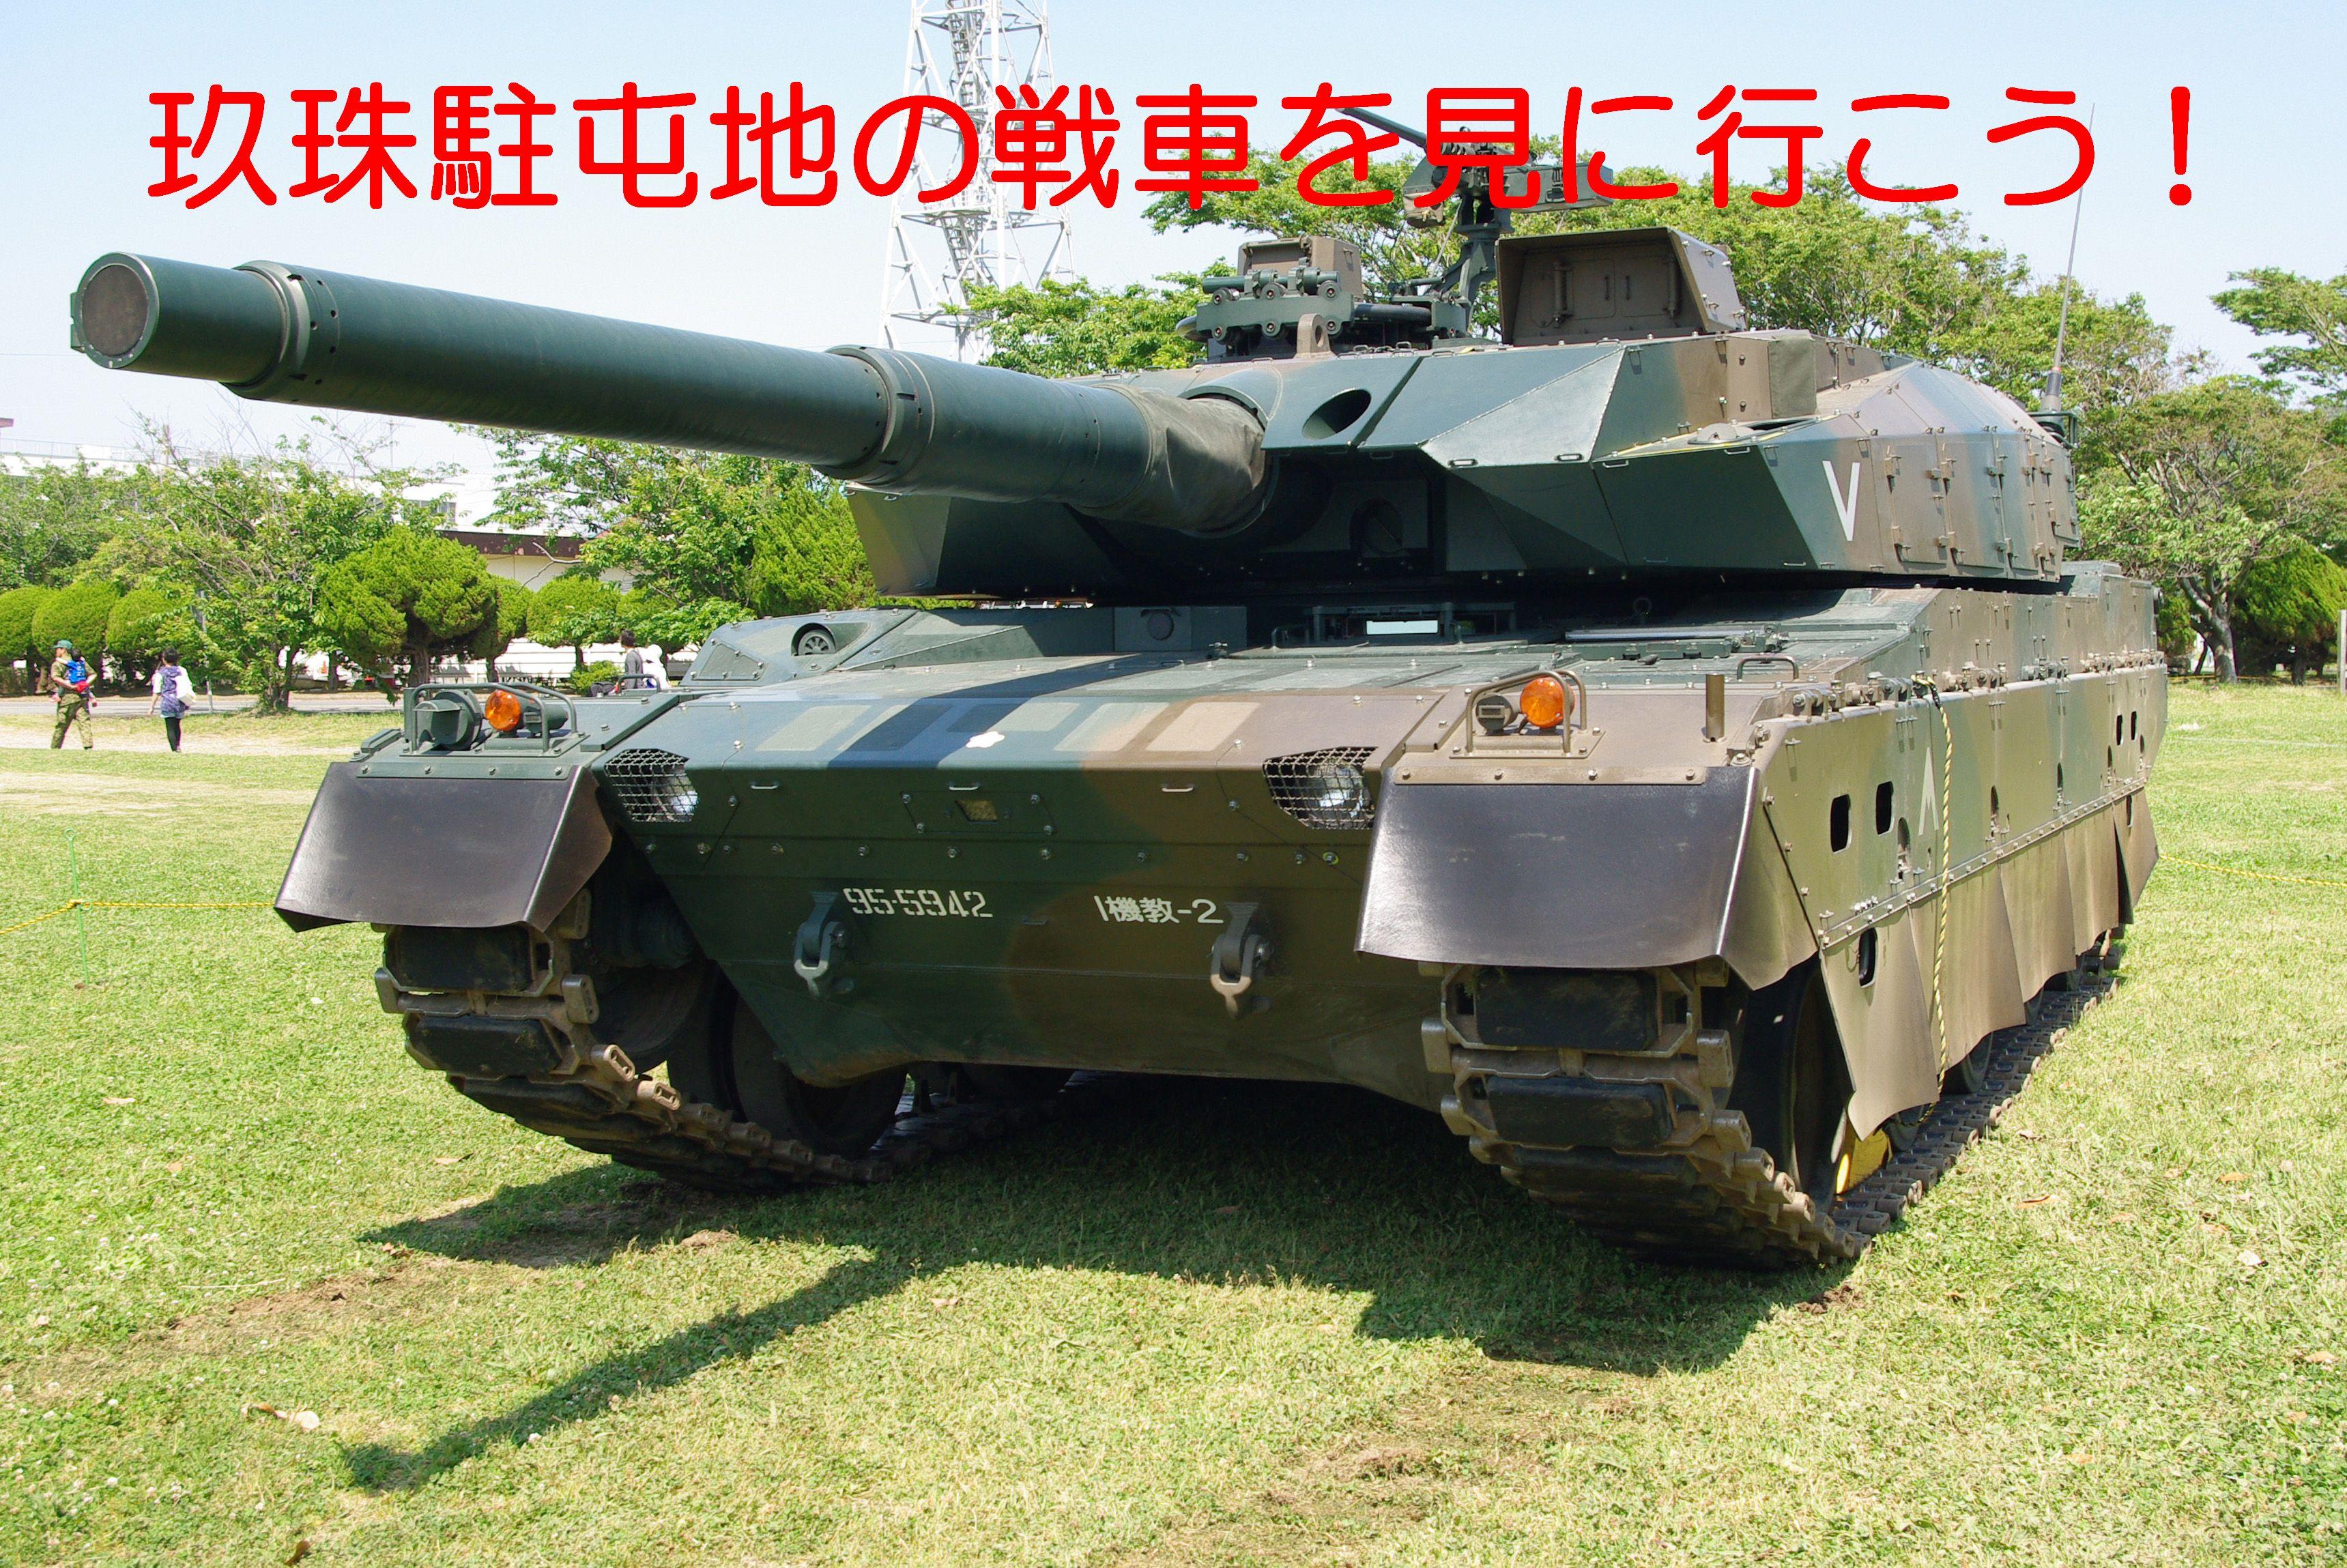 http://fukuoka.goyu.jp/%EF%BC%91%EF%BC%90%E5%BC%8F%E6%88%A6%E8%BB%8A%E6%96%87%E5%AD%97%E5%85%A5%E3%82%8A.jpg